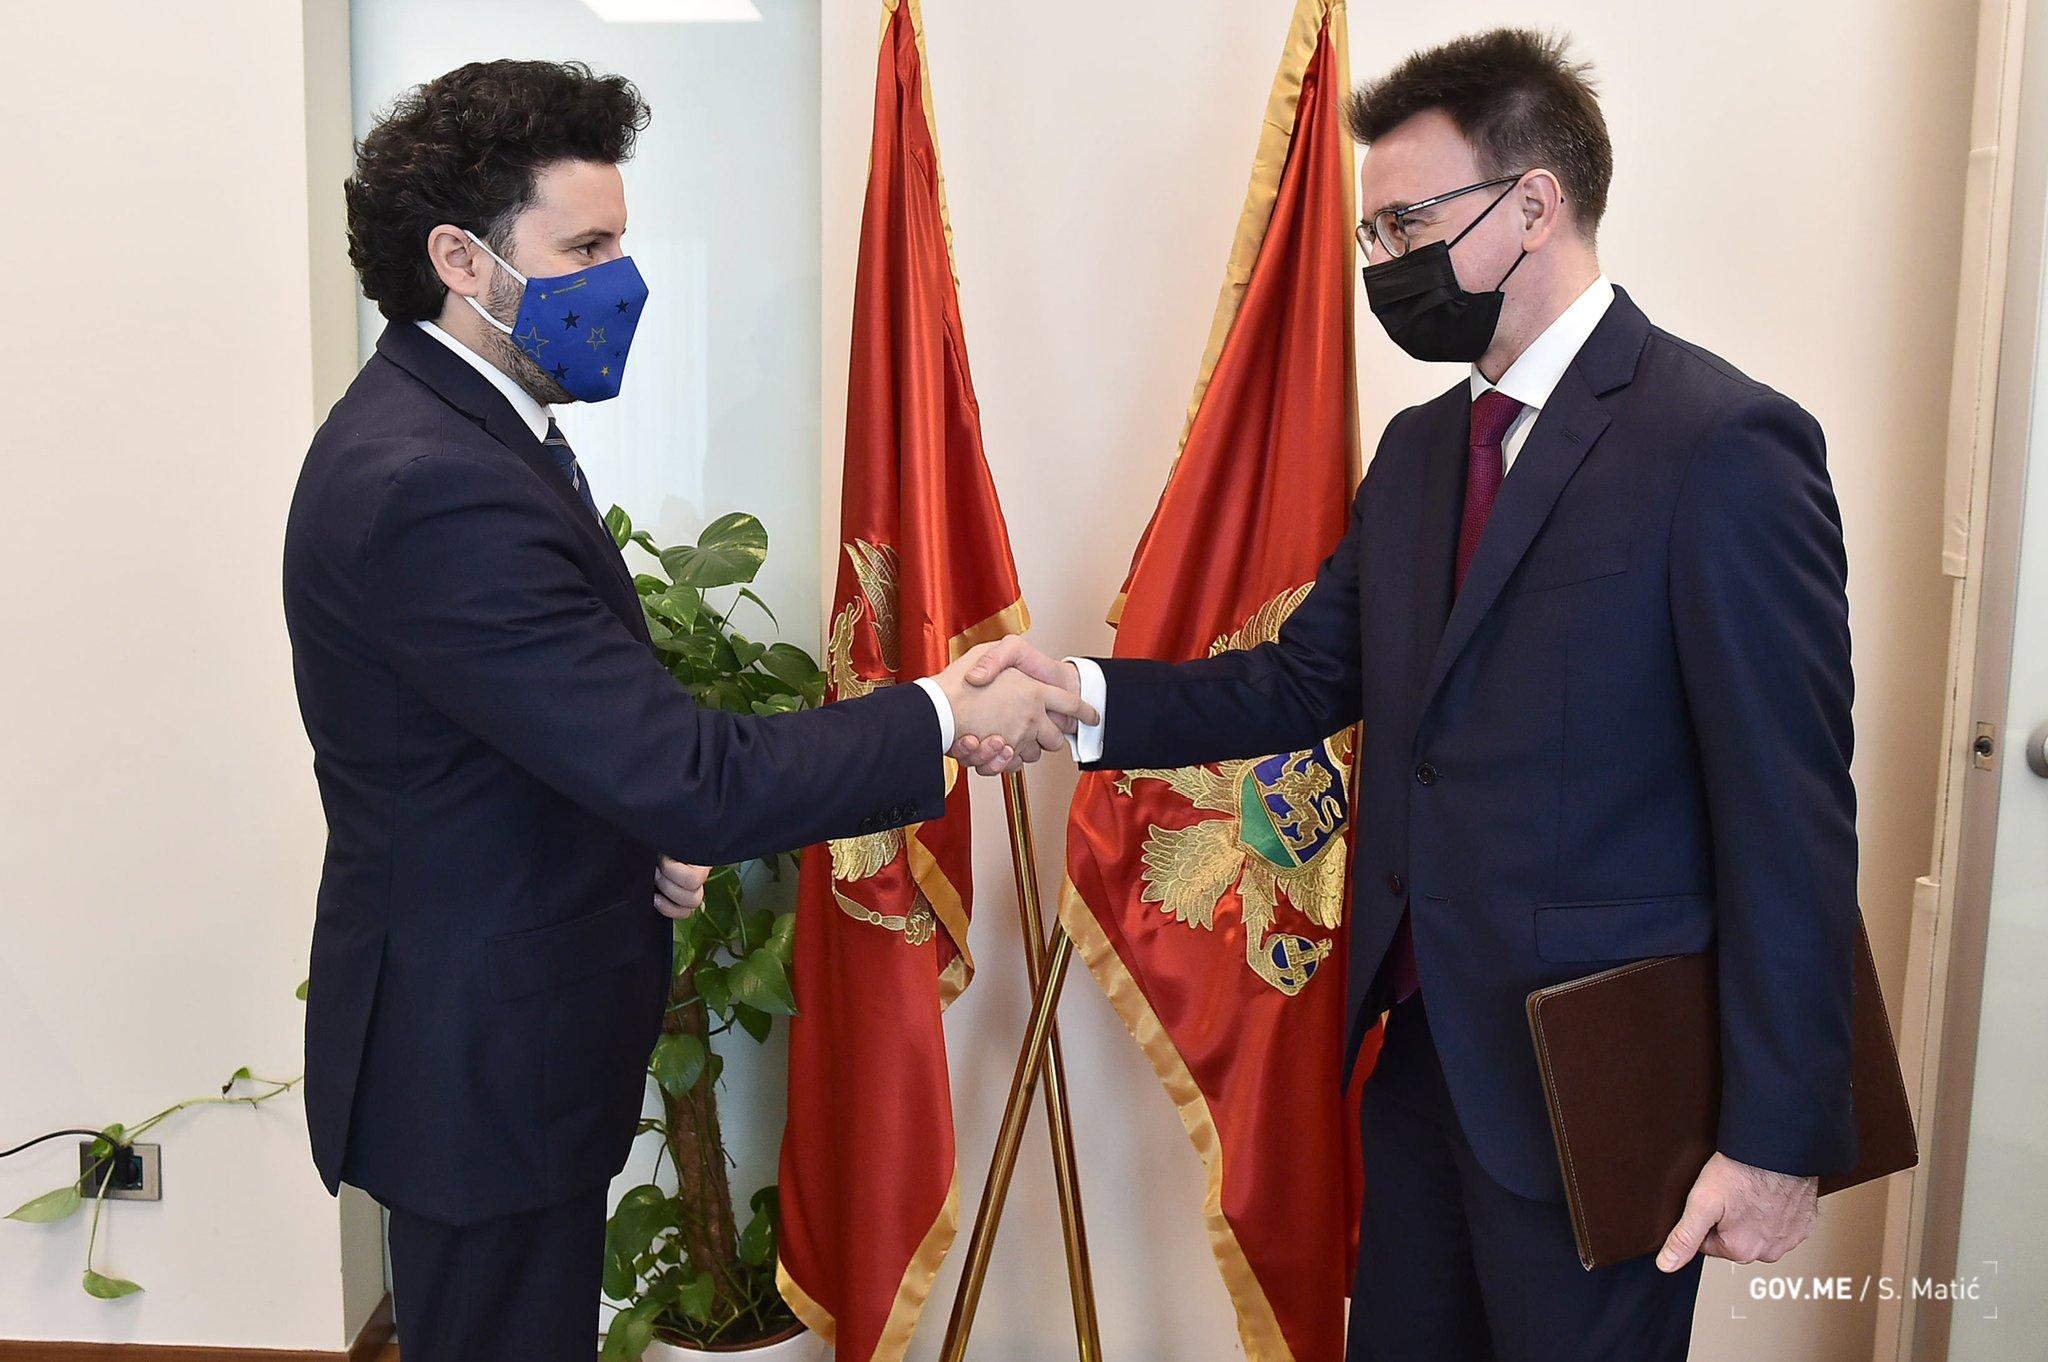 Абазовић: Црна Гора, упрокос свом евроатлантском курсу, жели коректну и плодоносну сарадњу са Руском Федерацијом.